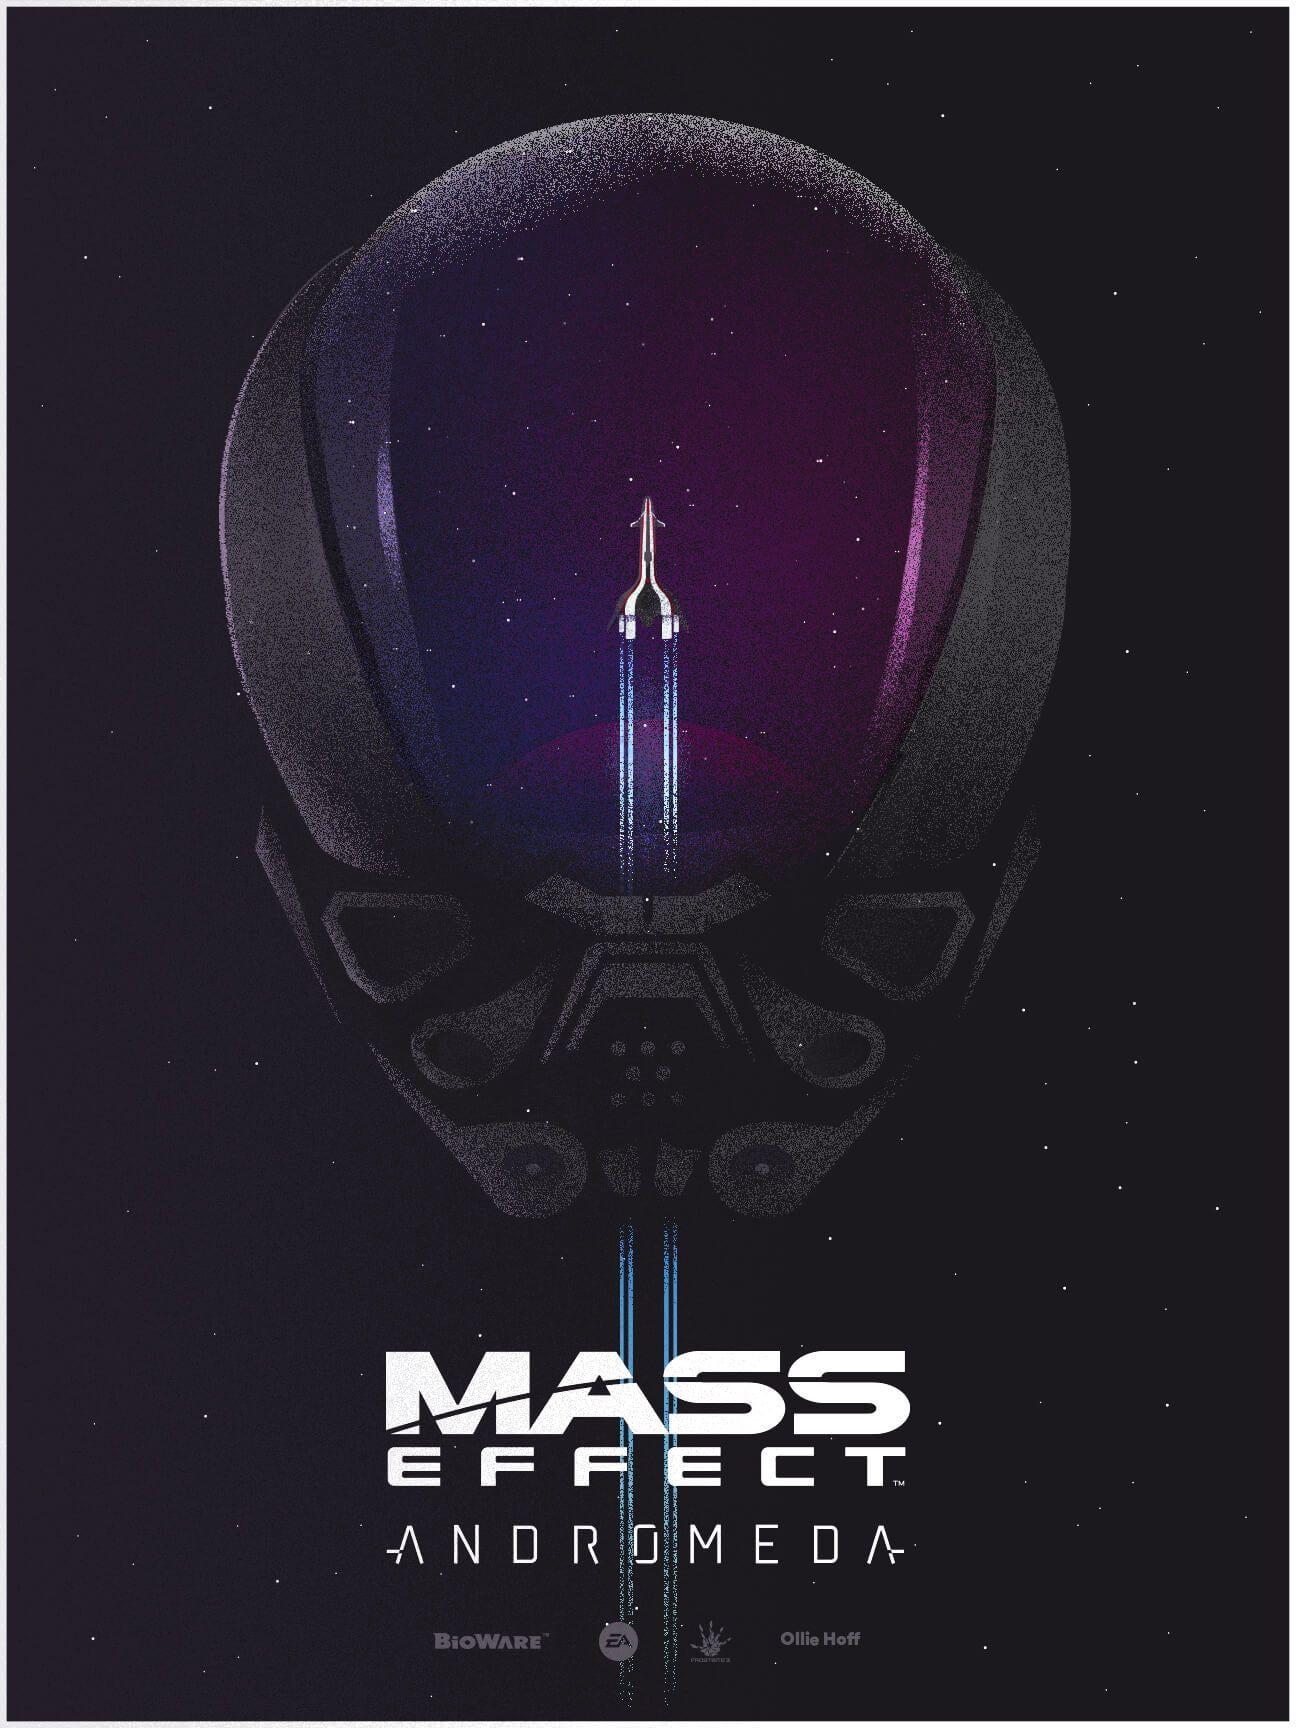 Mass Effect Andromeda Bioware Tempest Ea Games Video Games 720p Wallpaper Hdwallpaper Desktop Mass Effect Hd Wallpaper Art Pages